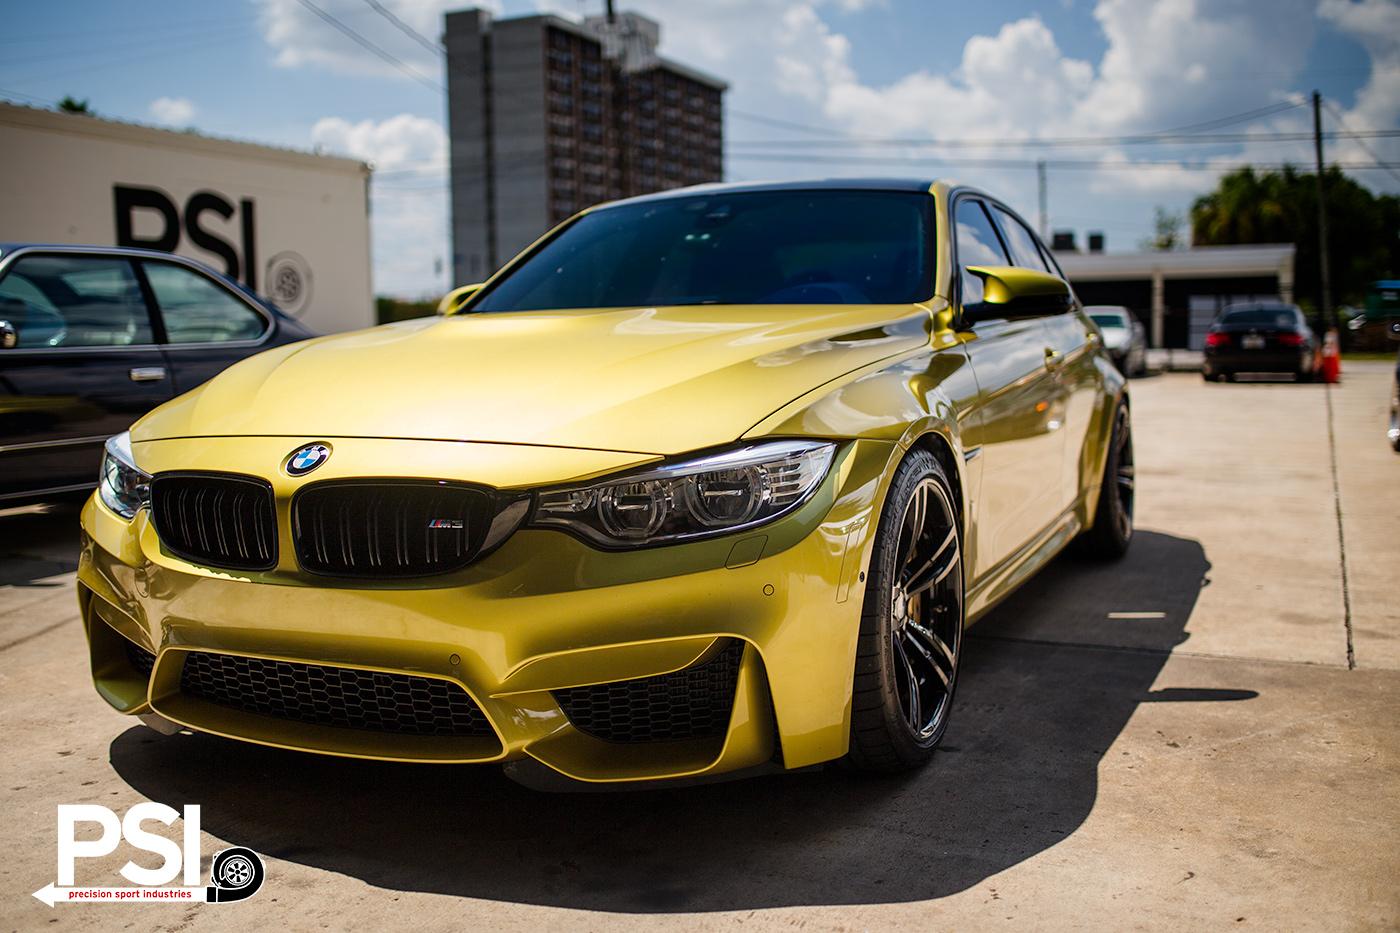 E46 M3 Specs >> Austin Yellow BMW F80 M3 By PSI with JB4 Beta